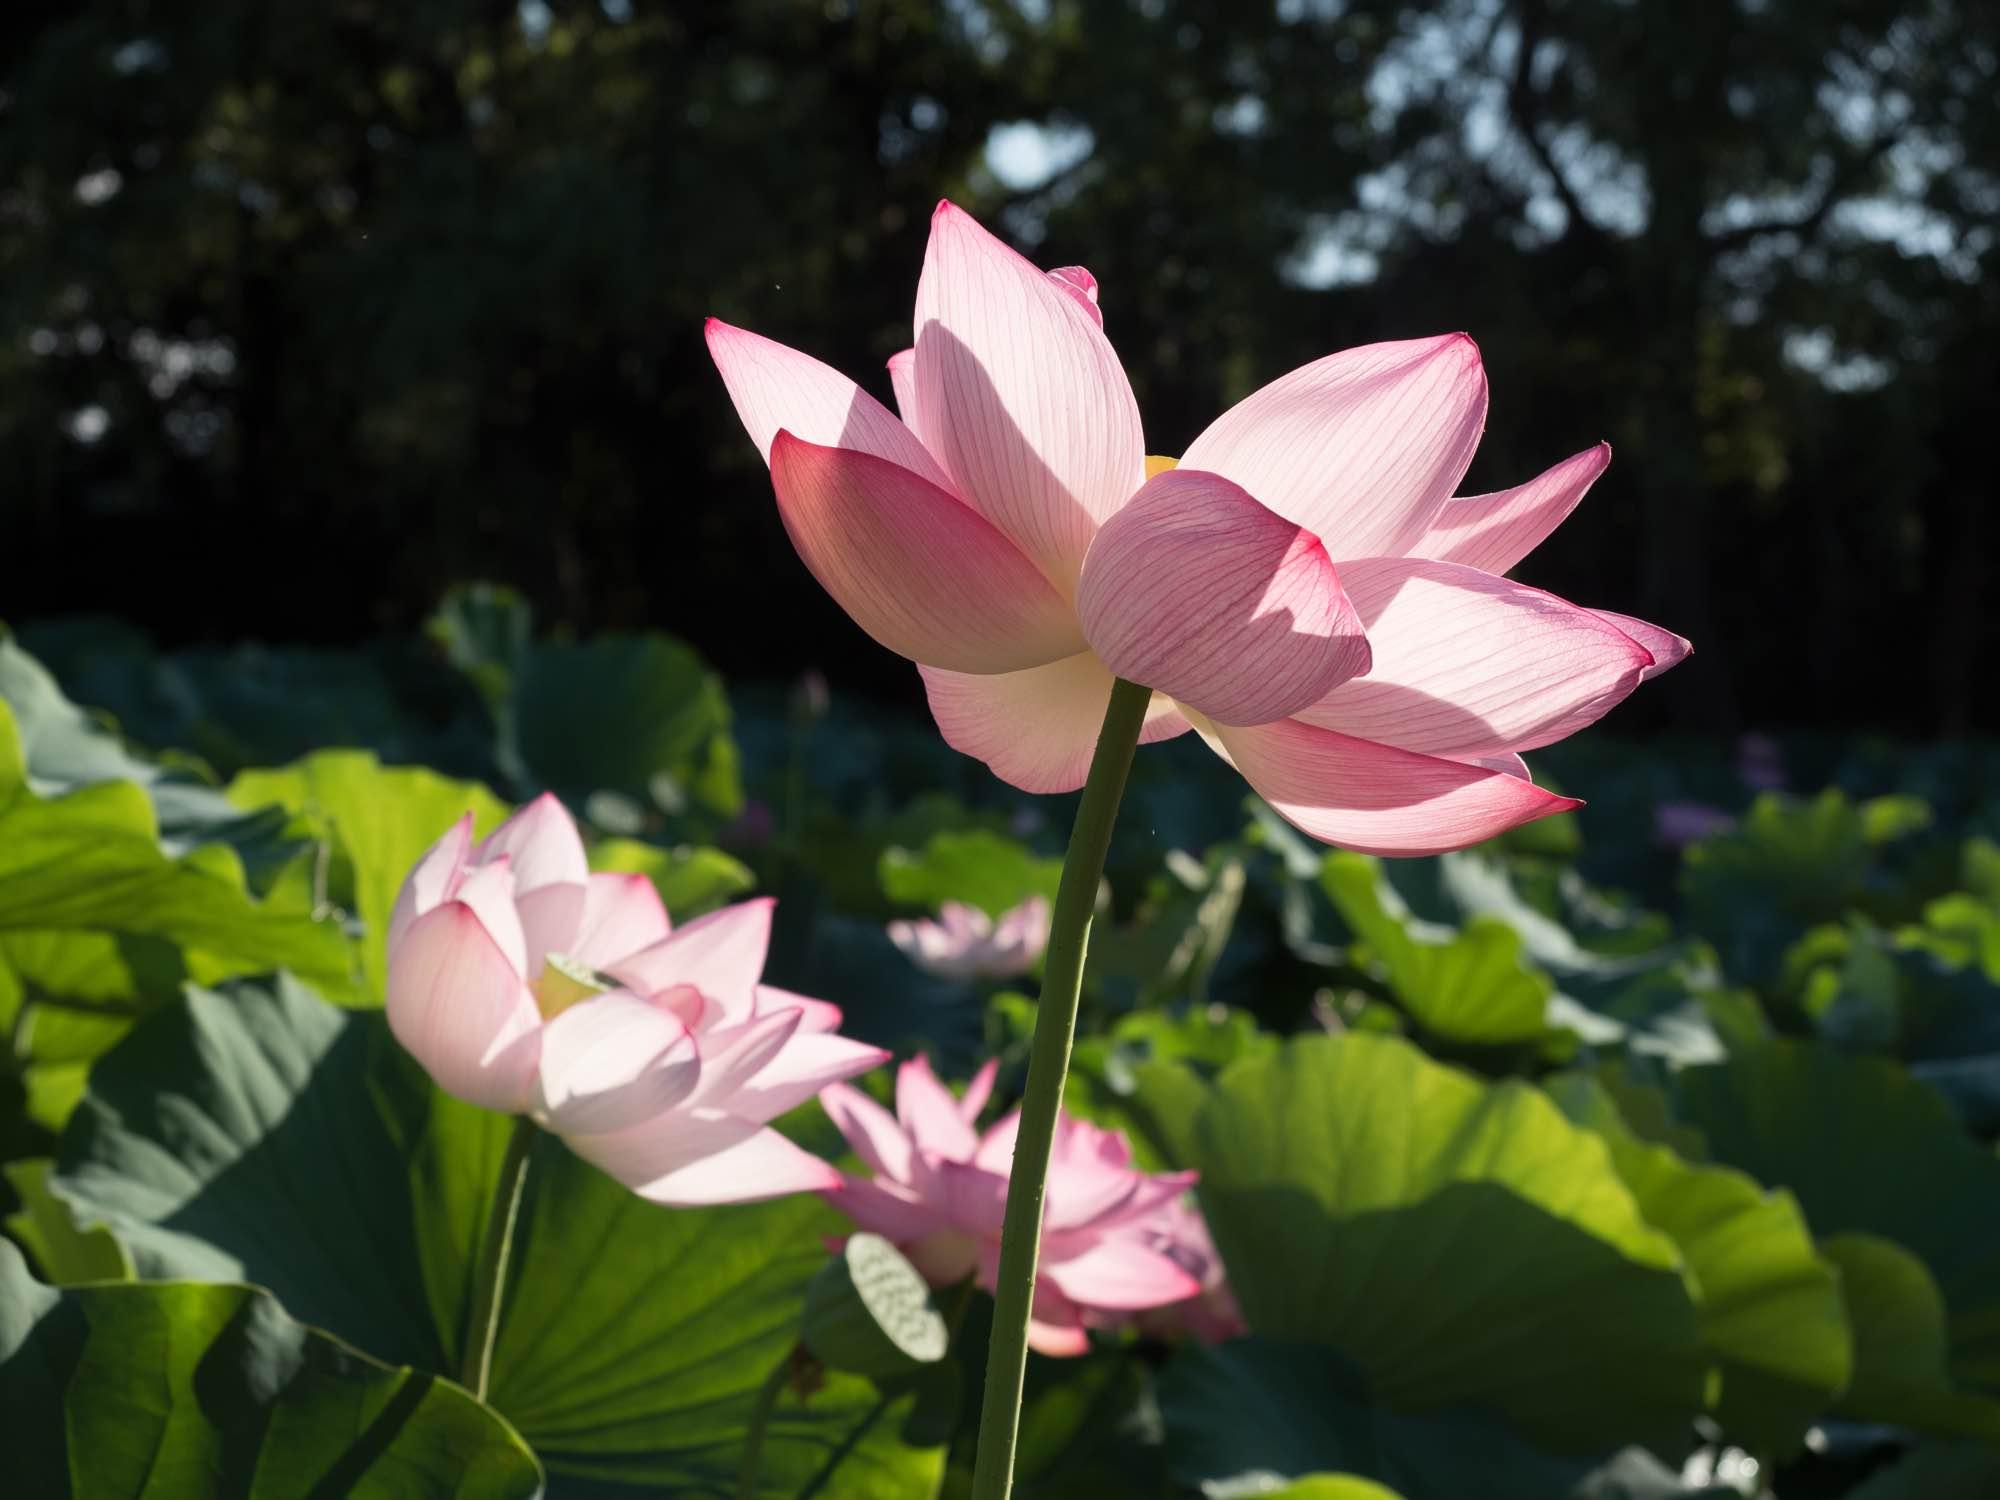 sankeien garden lotus